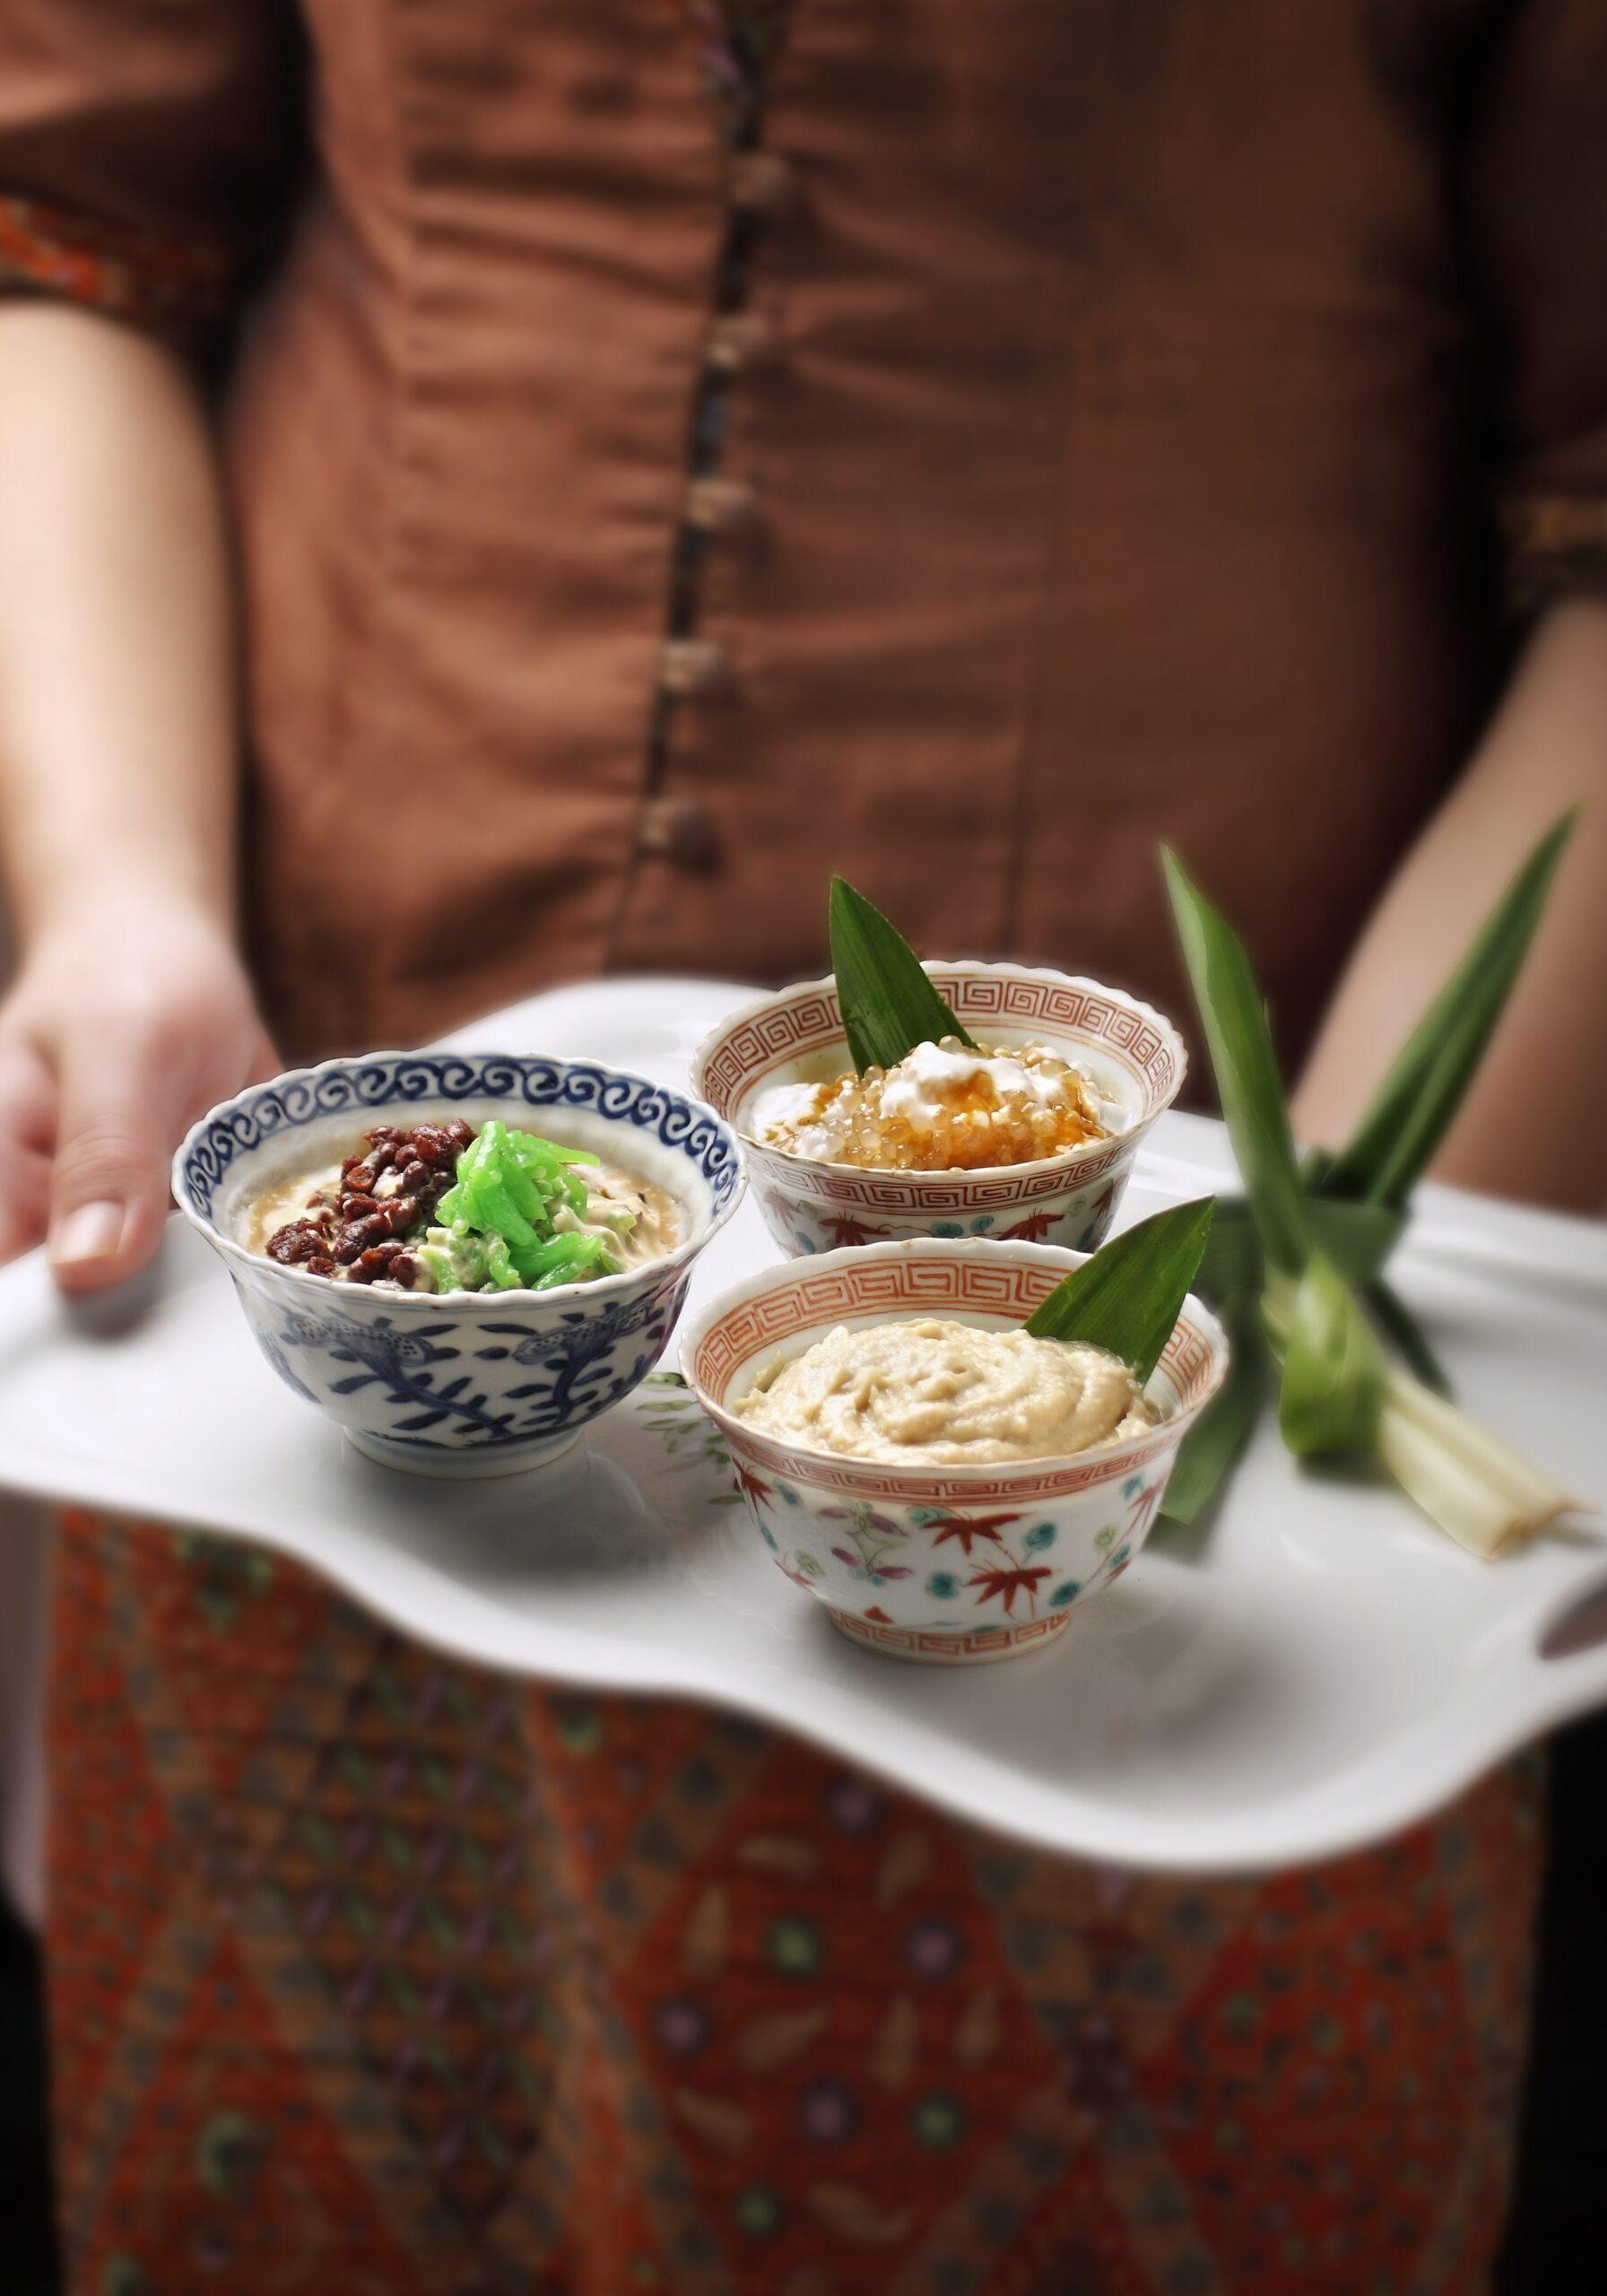 Durian Pengat, Chendool, Gula Mekaka